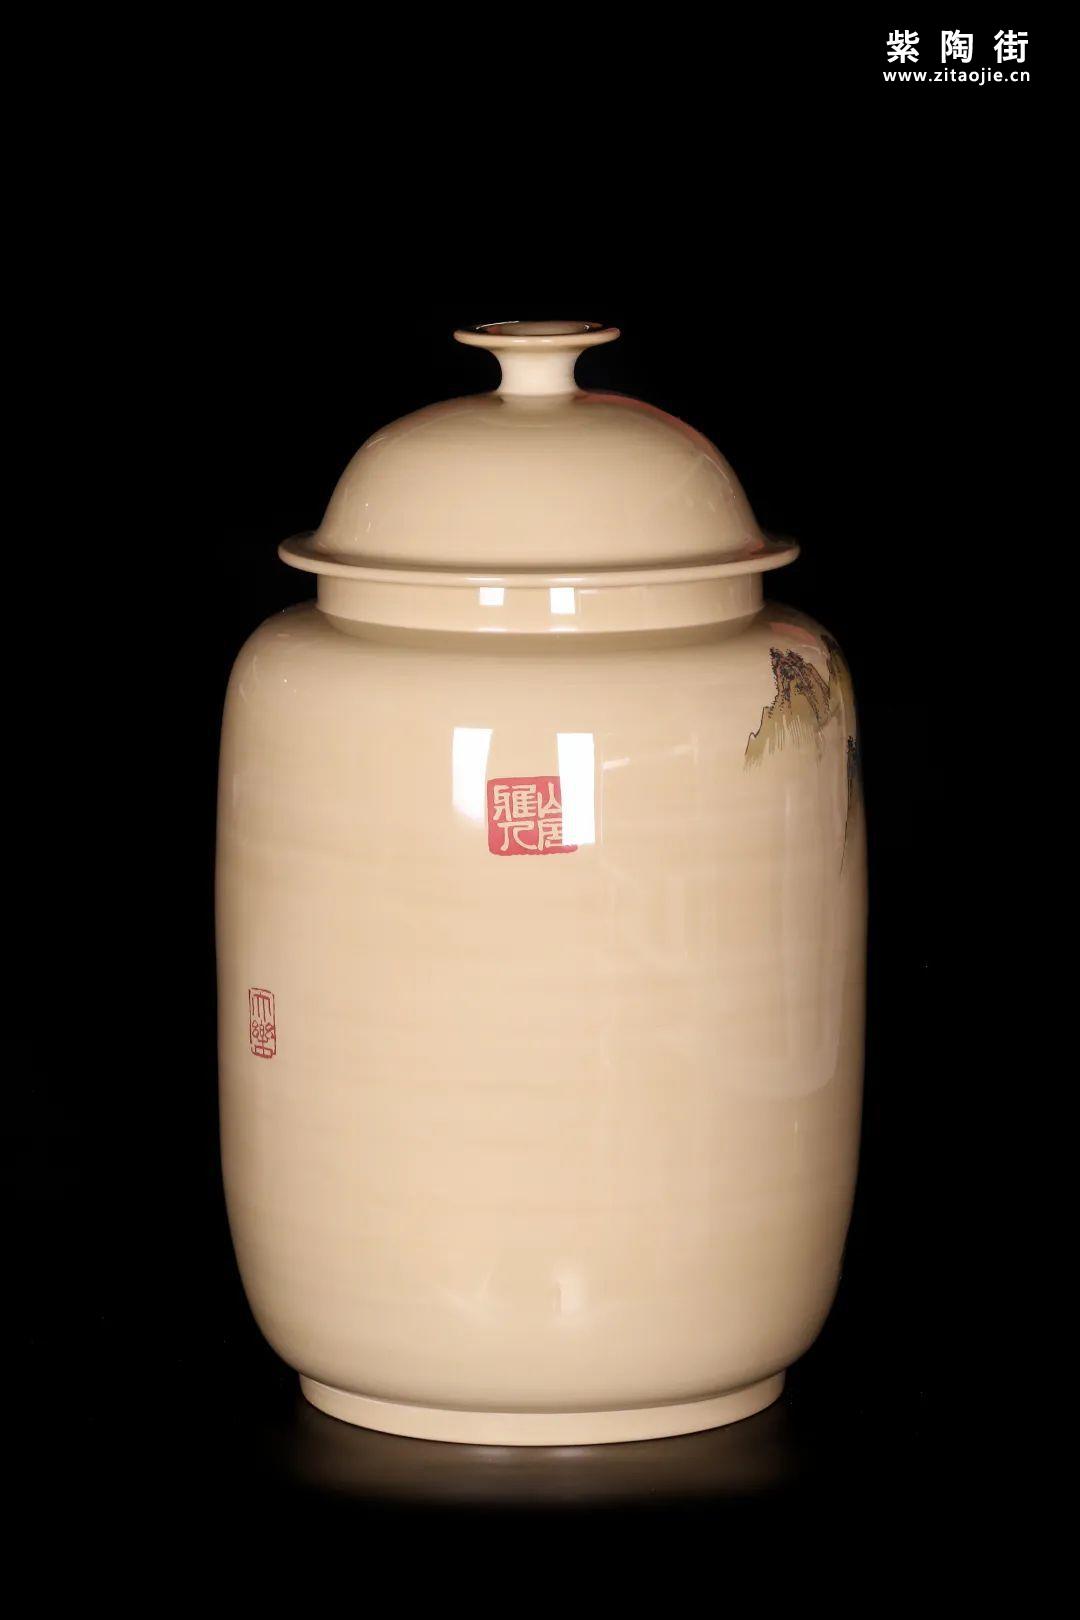 廖建忠、廖渊涵的青绿山水装饰紫陶缸插图5